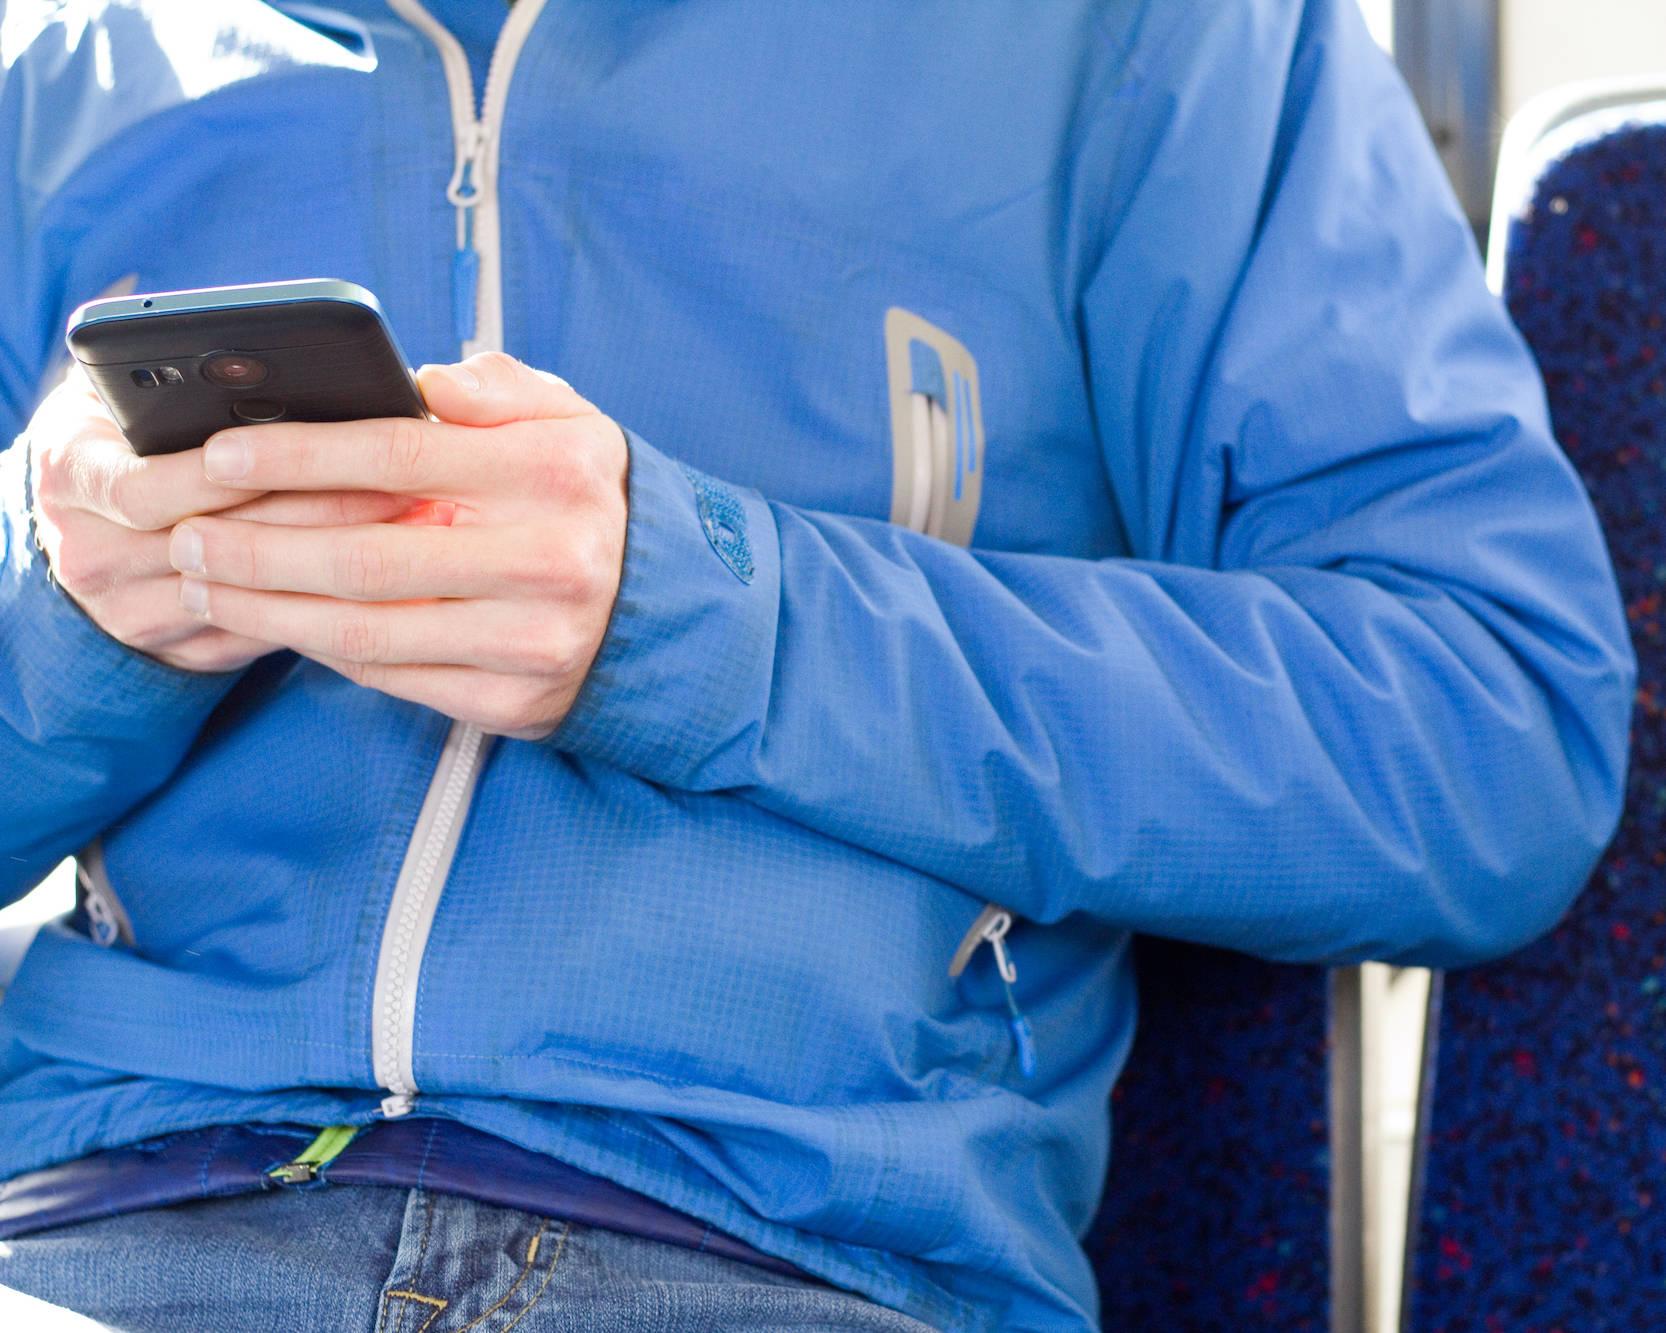 Mann mit Smartphone im Bus